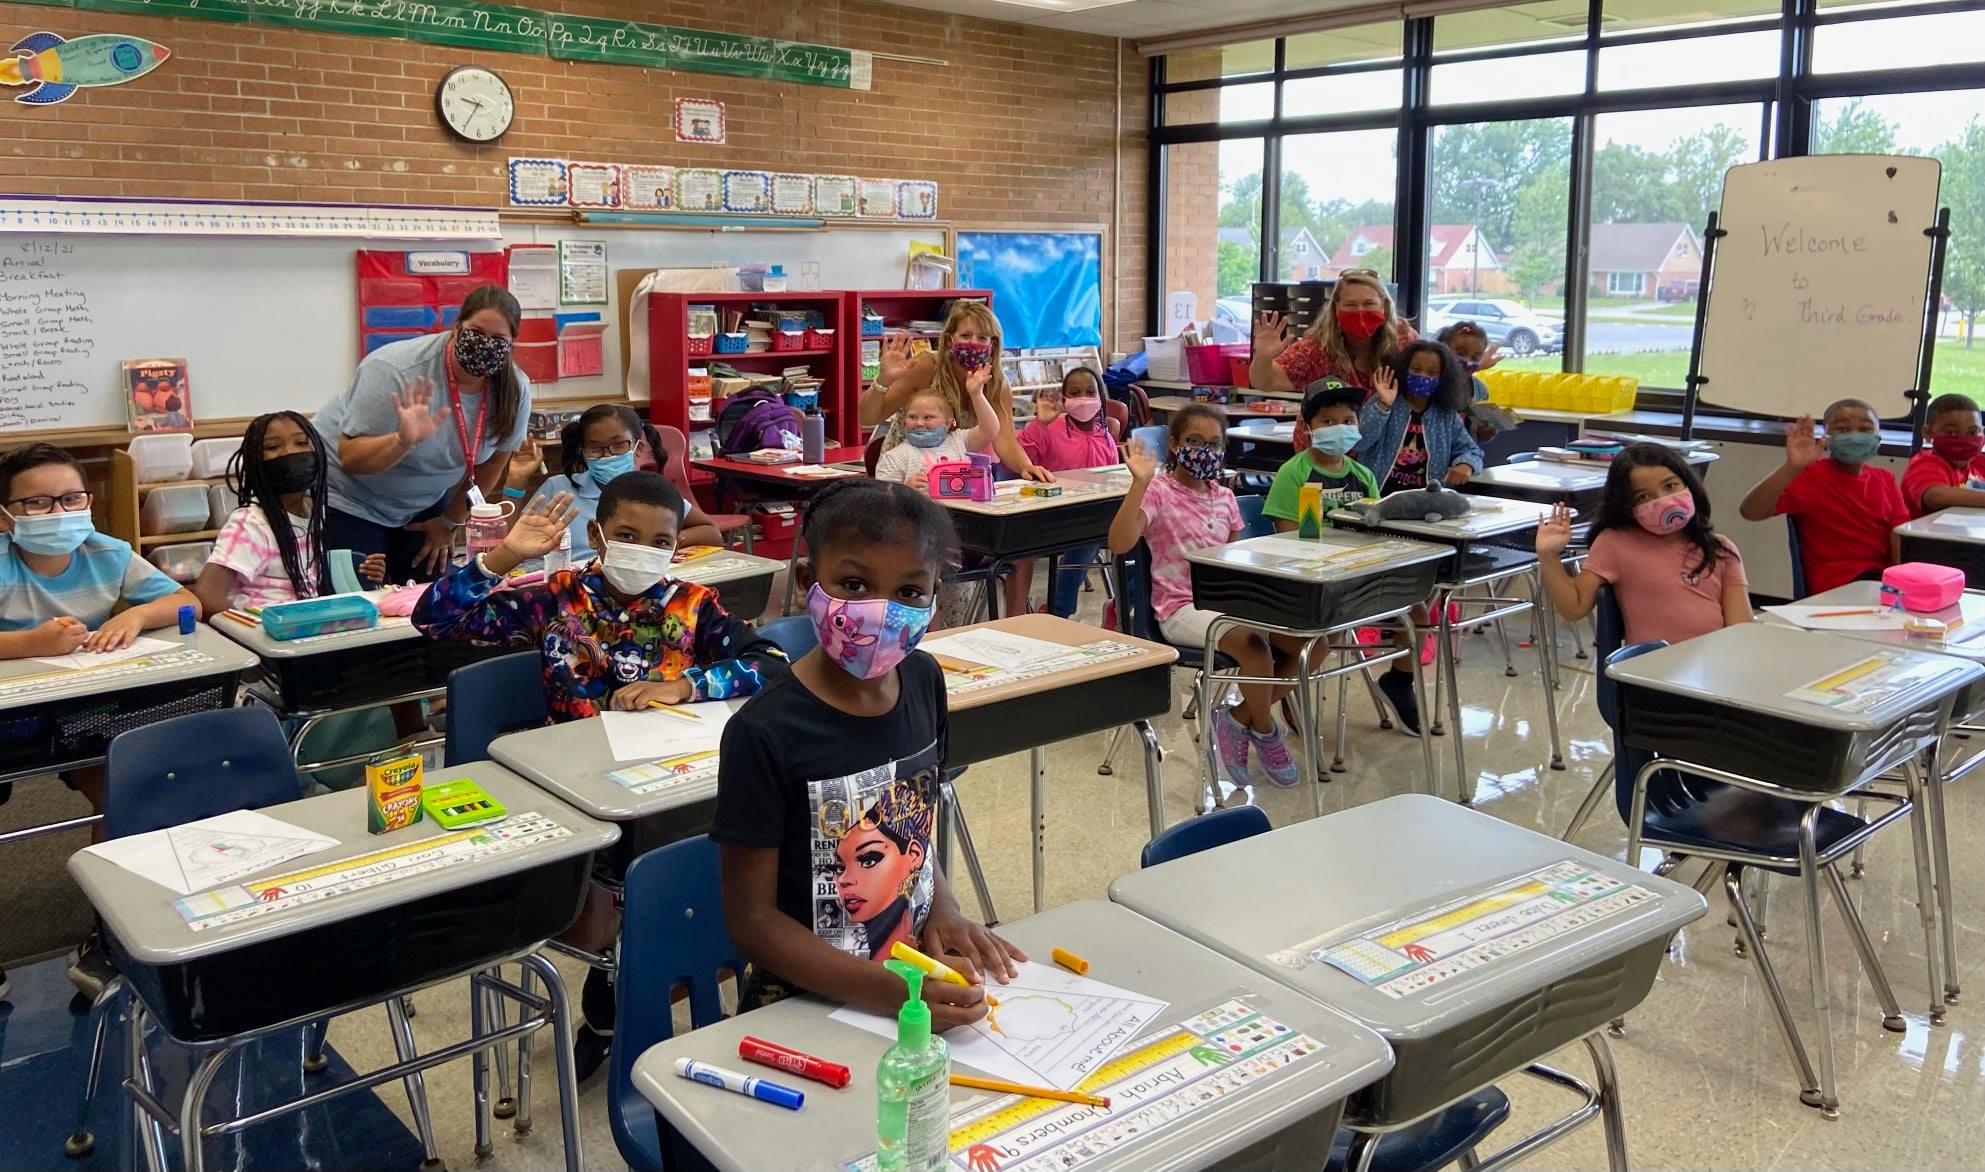 Serena classroom